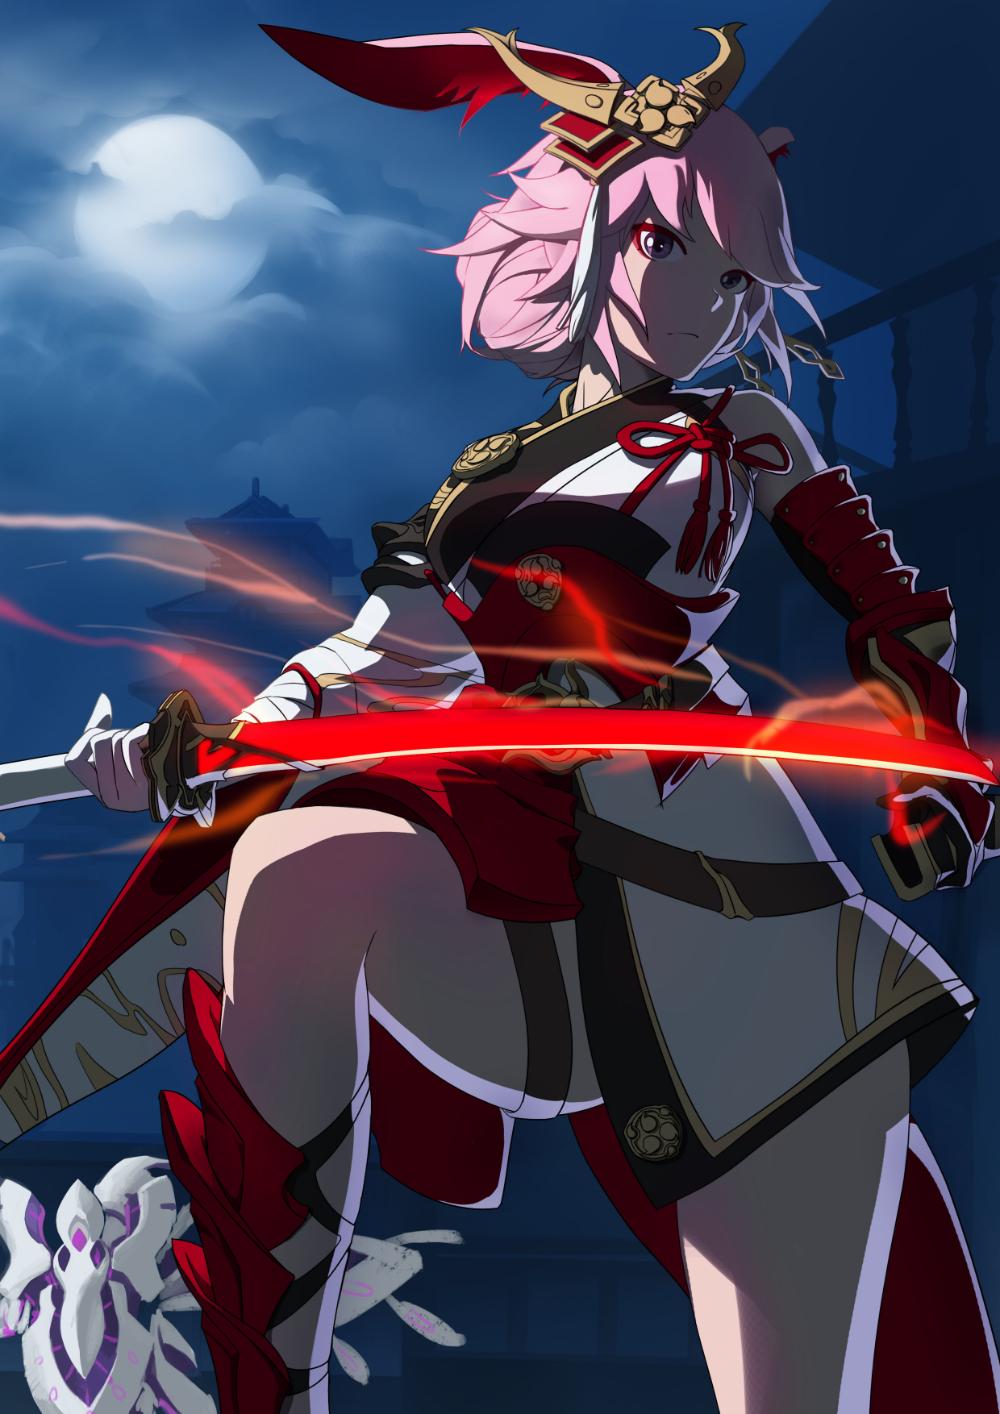 Yae Sakura (Houkai Gakuen)/2575164 Fullsize Image